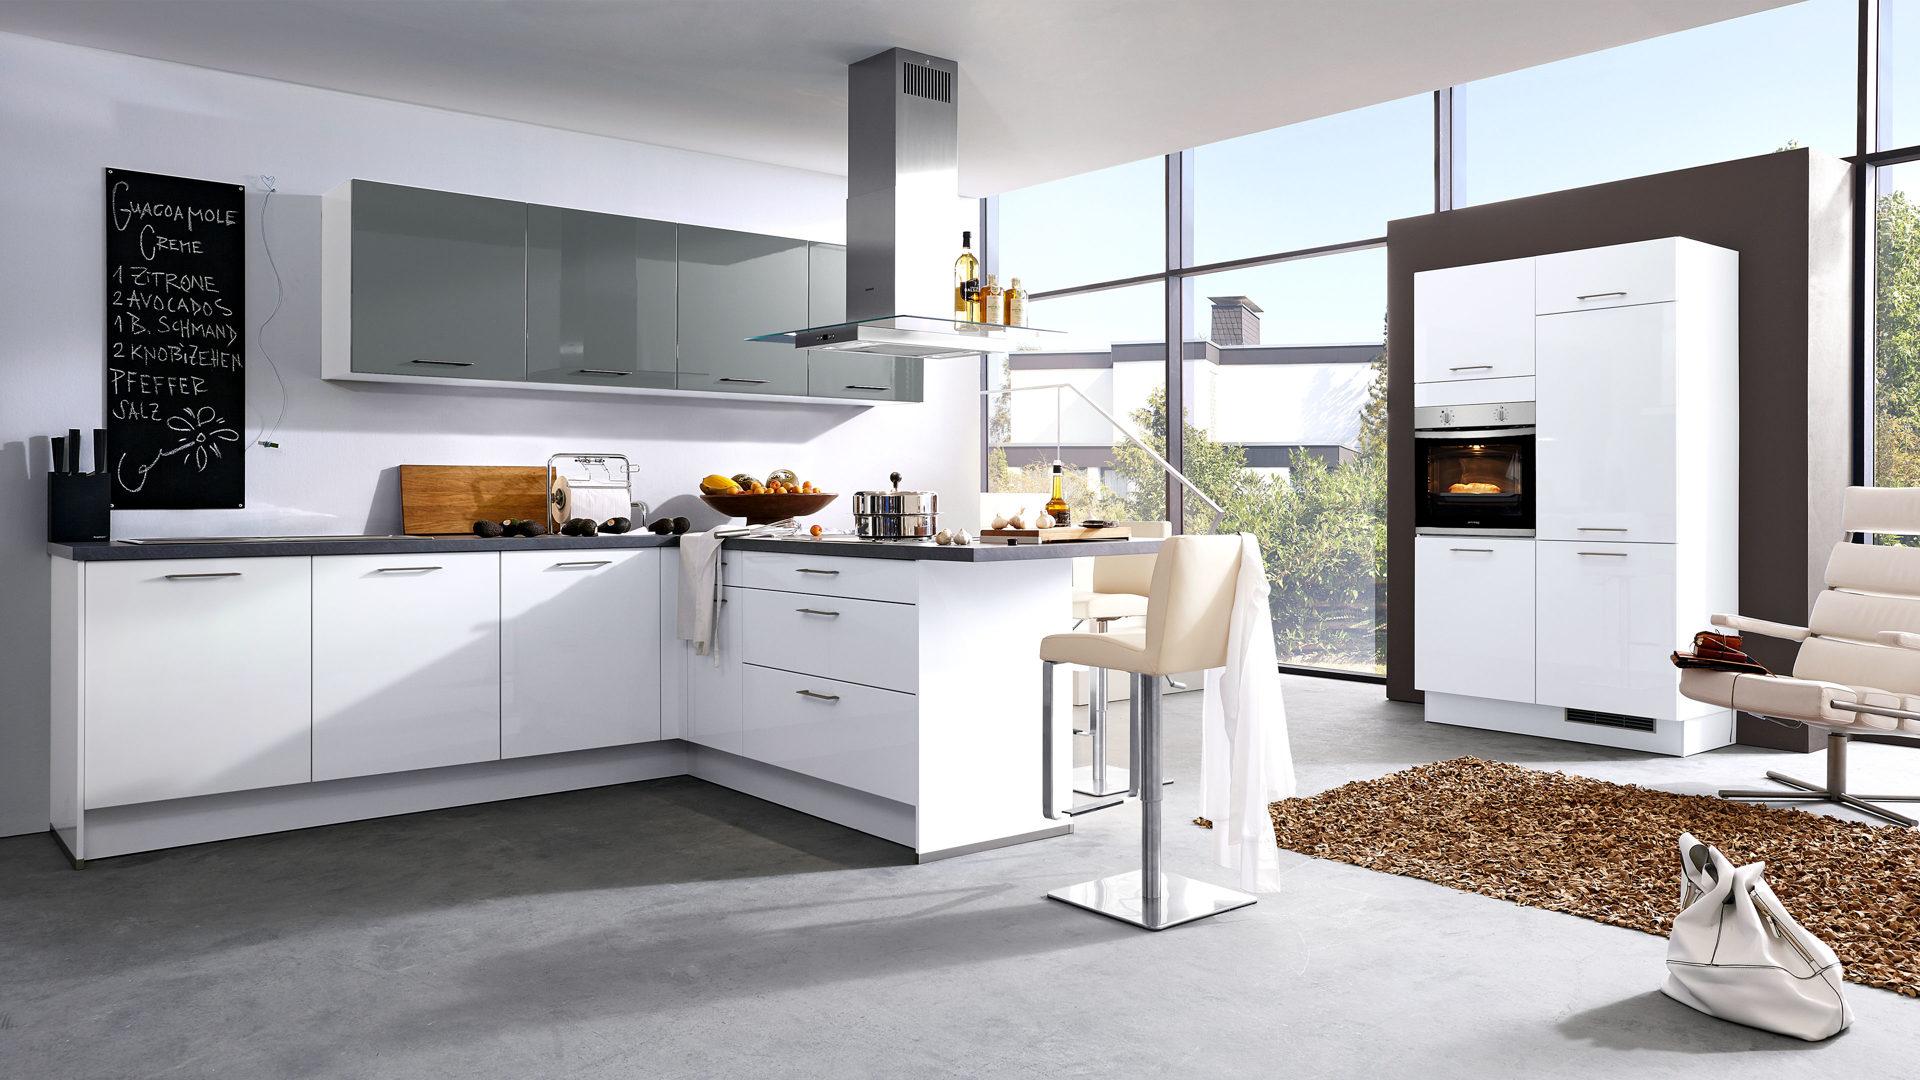 Culineo Küche mit privileg Einbaugeräten, schneeweiße & onyxgraue Fronten,  onyxgraue Arbeitsplatten